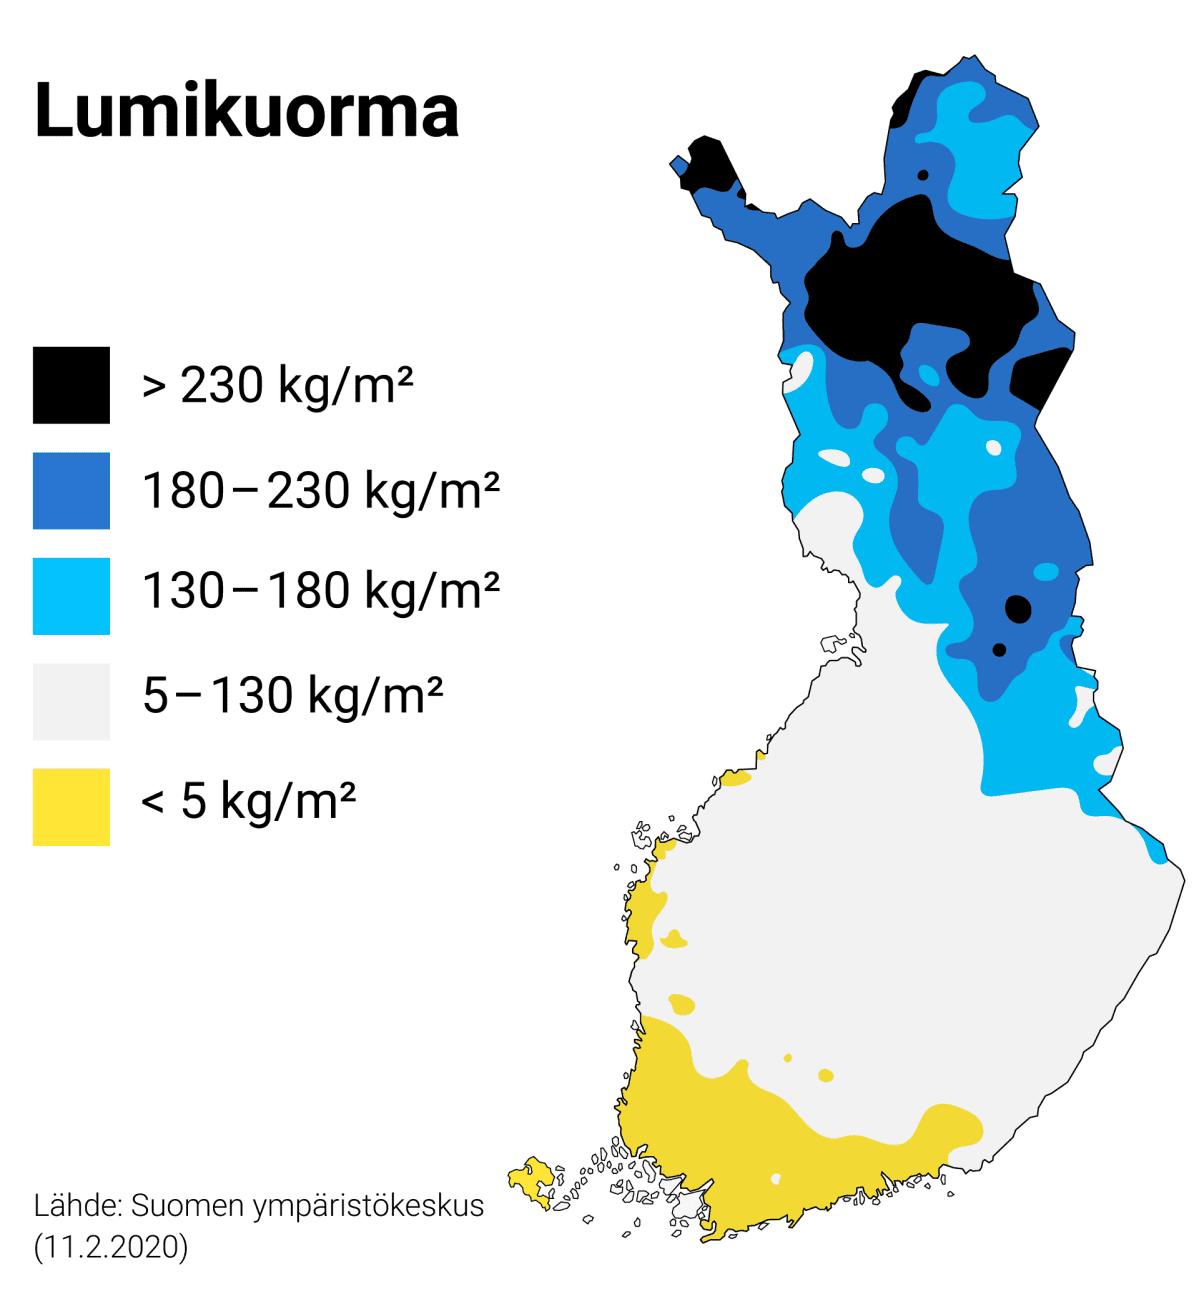 Grafiikka kuvaa lumikuorman määrää Suomessa. Vain pohjoisessa on runsaasti lumikuormaa. Keski-Suomessa lumikuorma on 5–130 kg/m². Etelä-Suomessa lumikuorma jää alle 5 kg/m². Grafiikan lähde: Suomen ympäristökeskus, 11.2.2020.